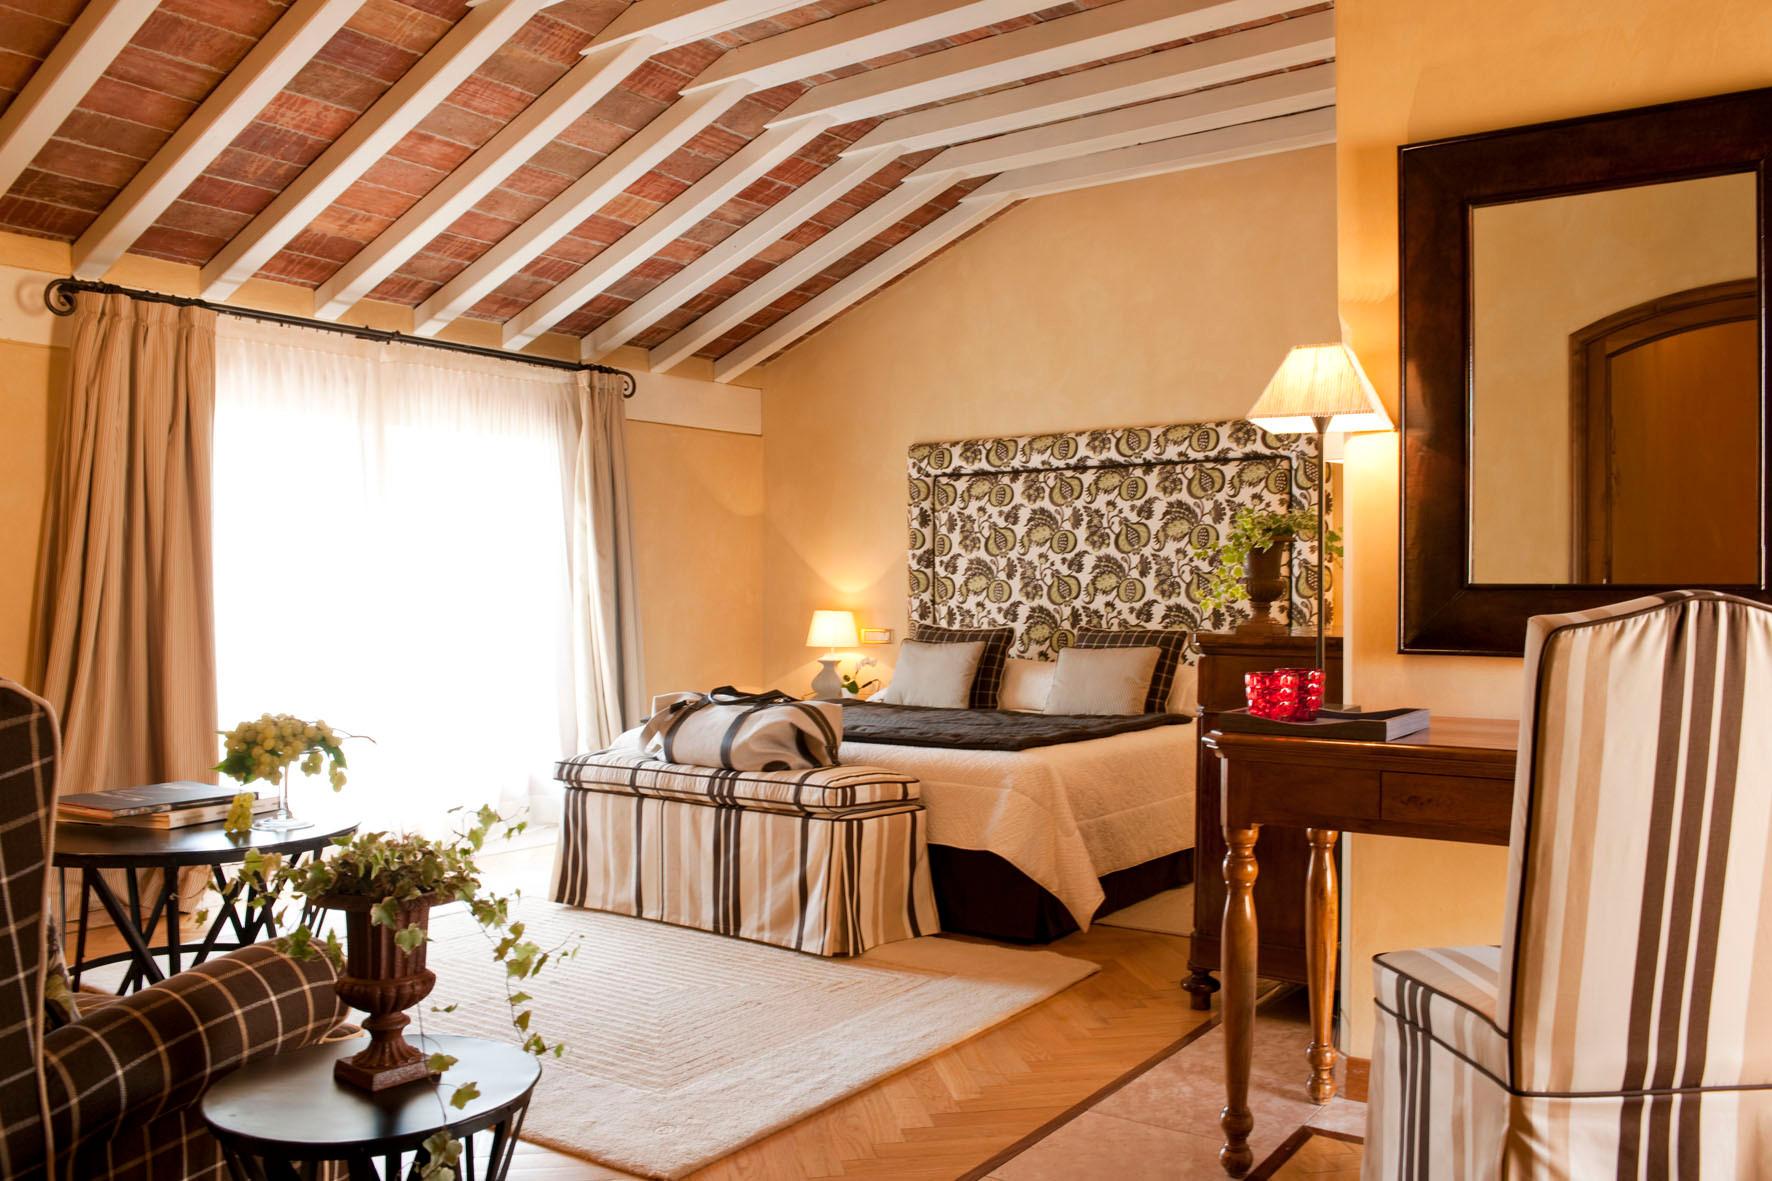 L'Albereta Relais & Châteaux steht für Ferien im Zeichen des wahren Luxus.